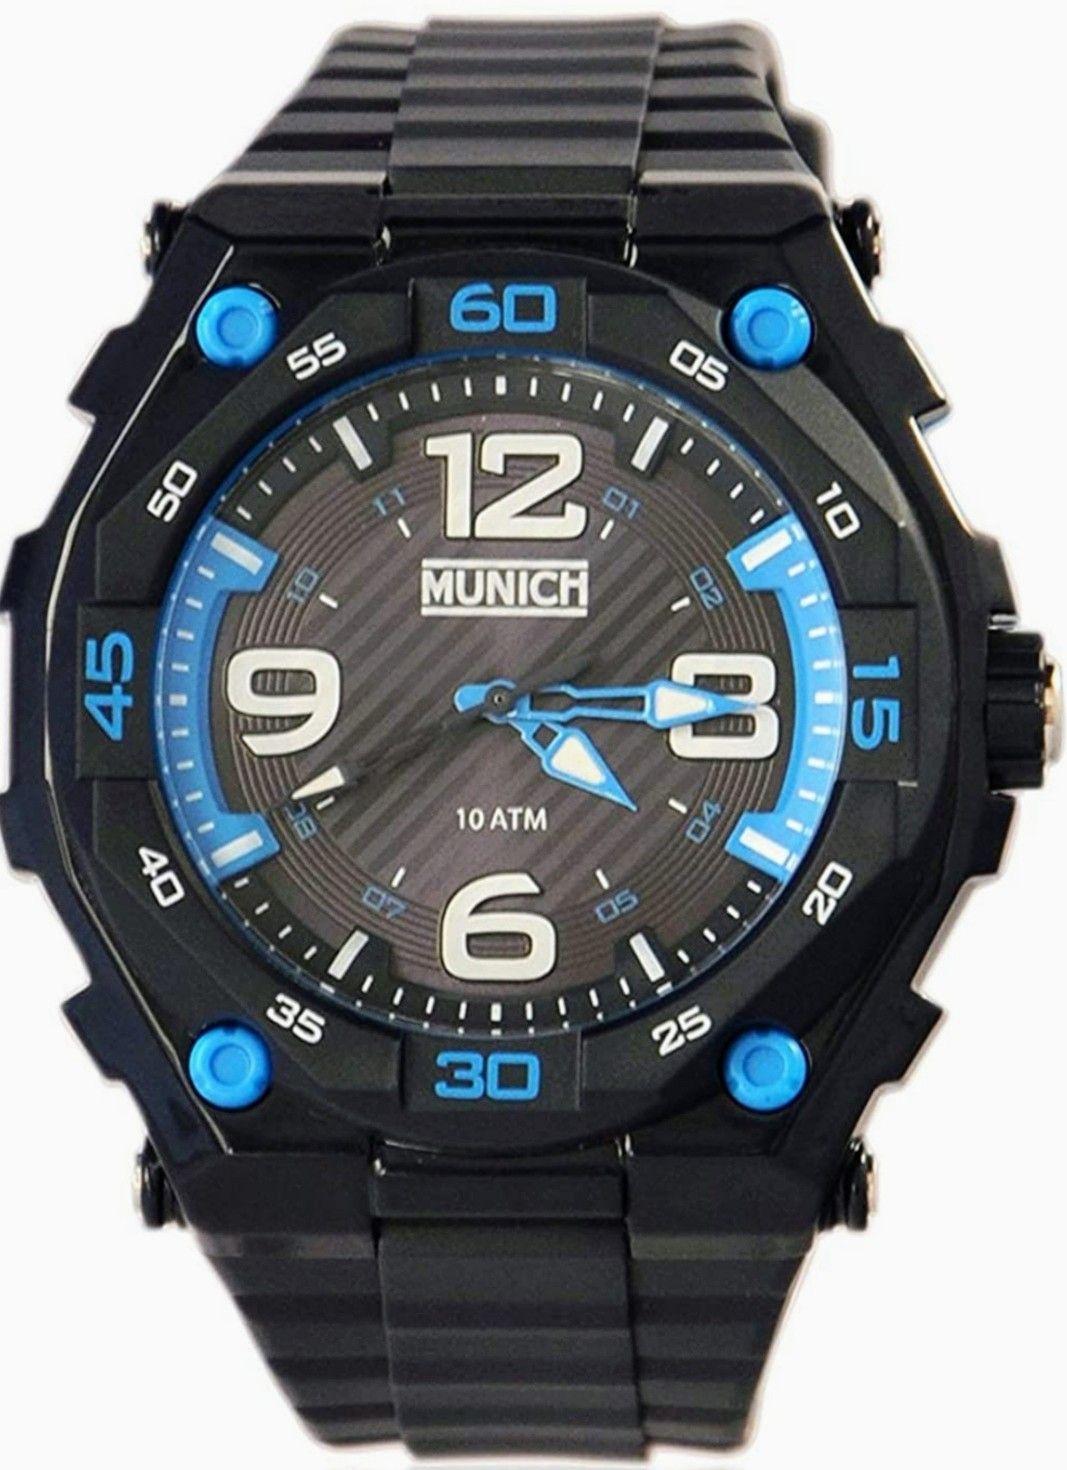 RECOPILACIÓN Munich Reloj Analógico Unisex por menos de 14€. (Todos con precio mínimo histórico)